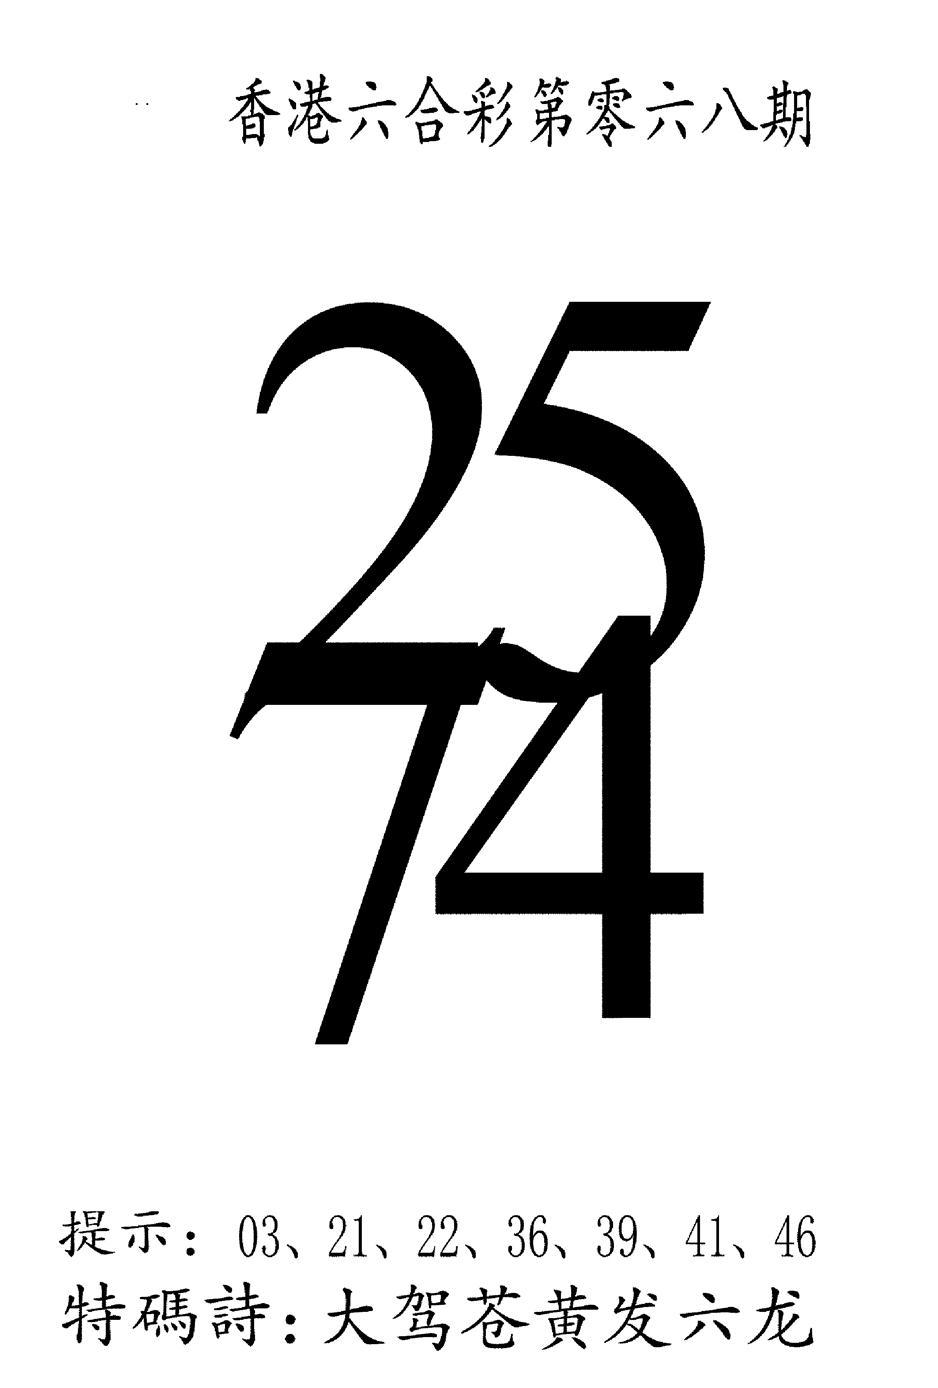 068期澳门三合王B(黑白)